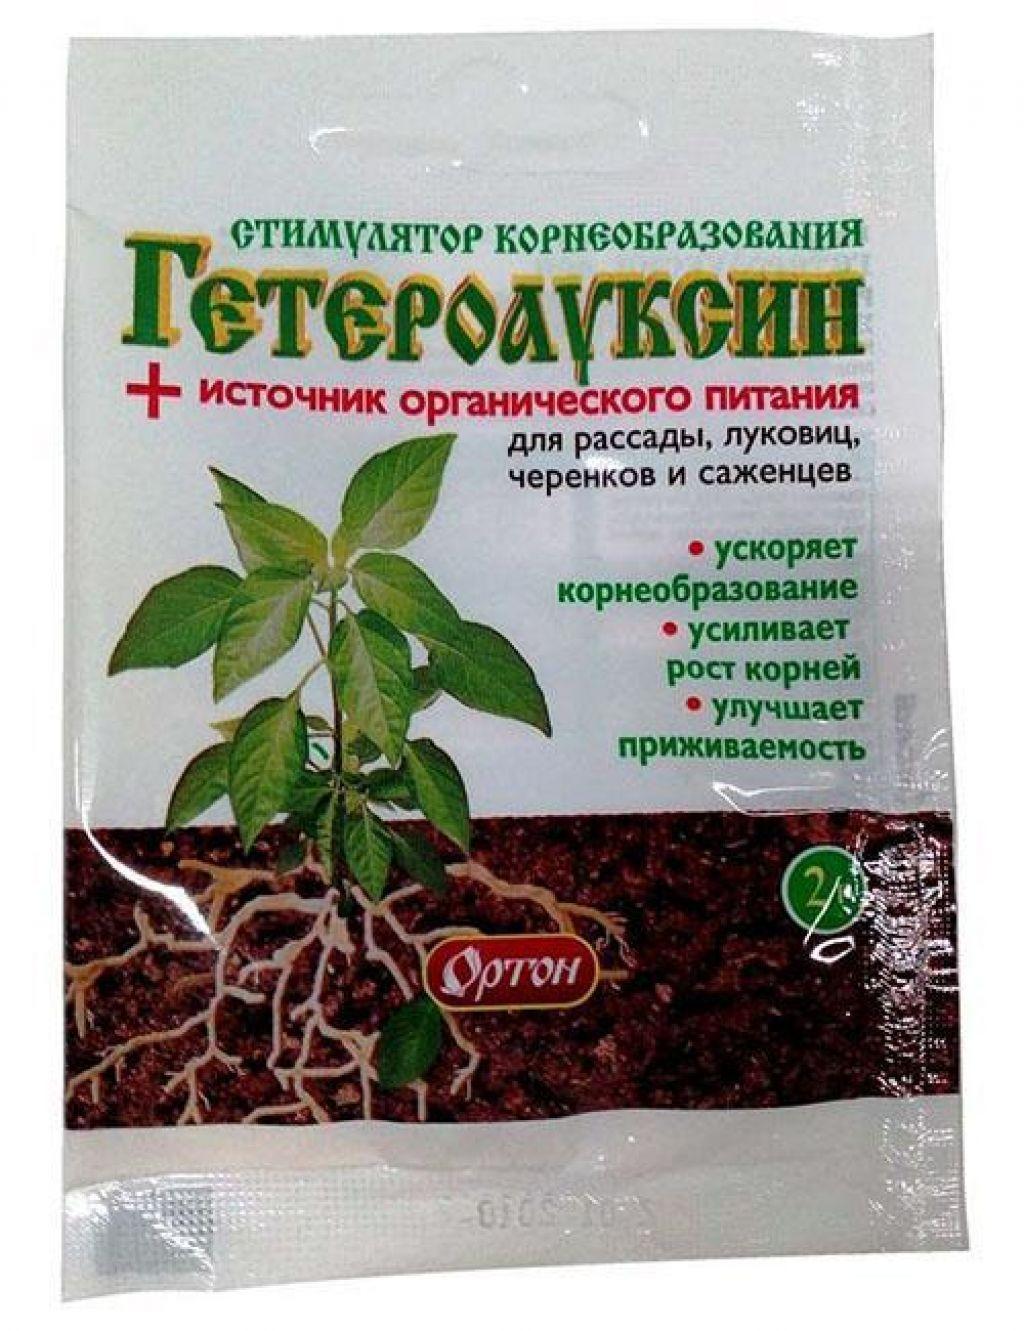 Корневин для рассады помидоров – инструкция по применению, когда можно полить, отзывы